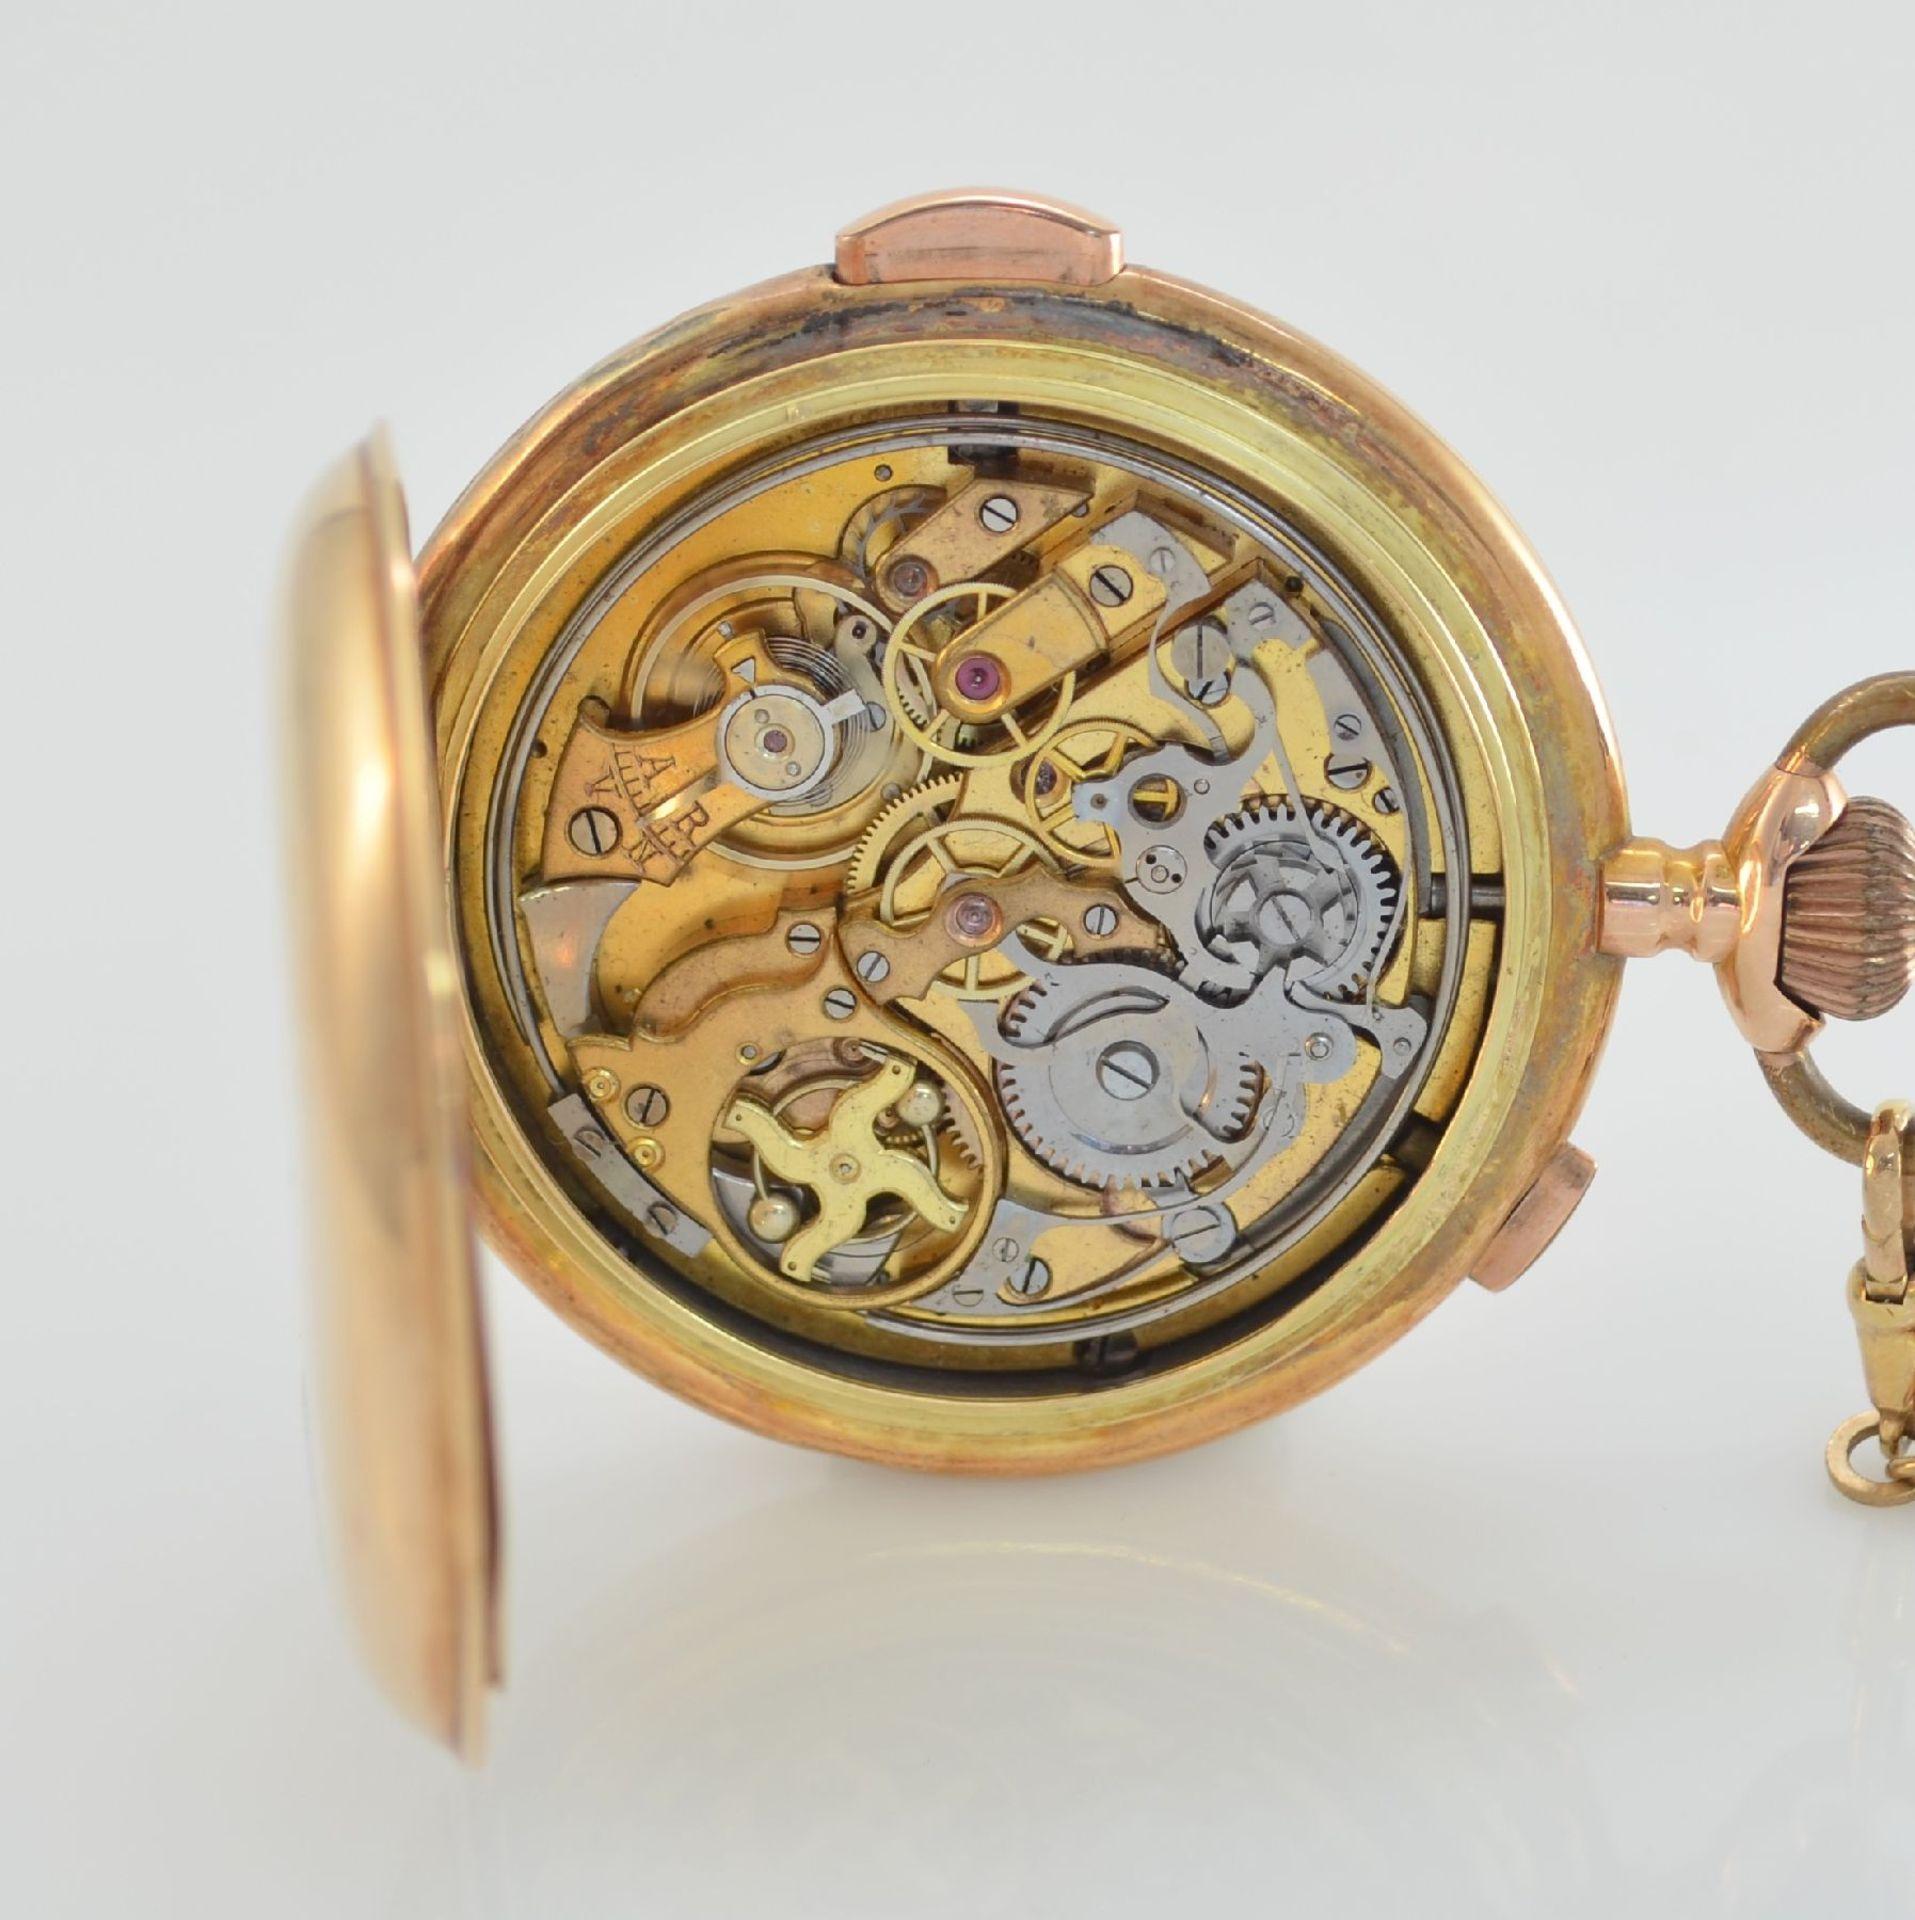 Savonette Herrentaschenuhr in RoseG 585/000 mit 1/4 Stunden Repetition und Chronograph, Schweiz um - Bild 8 aus 9